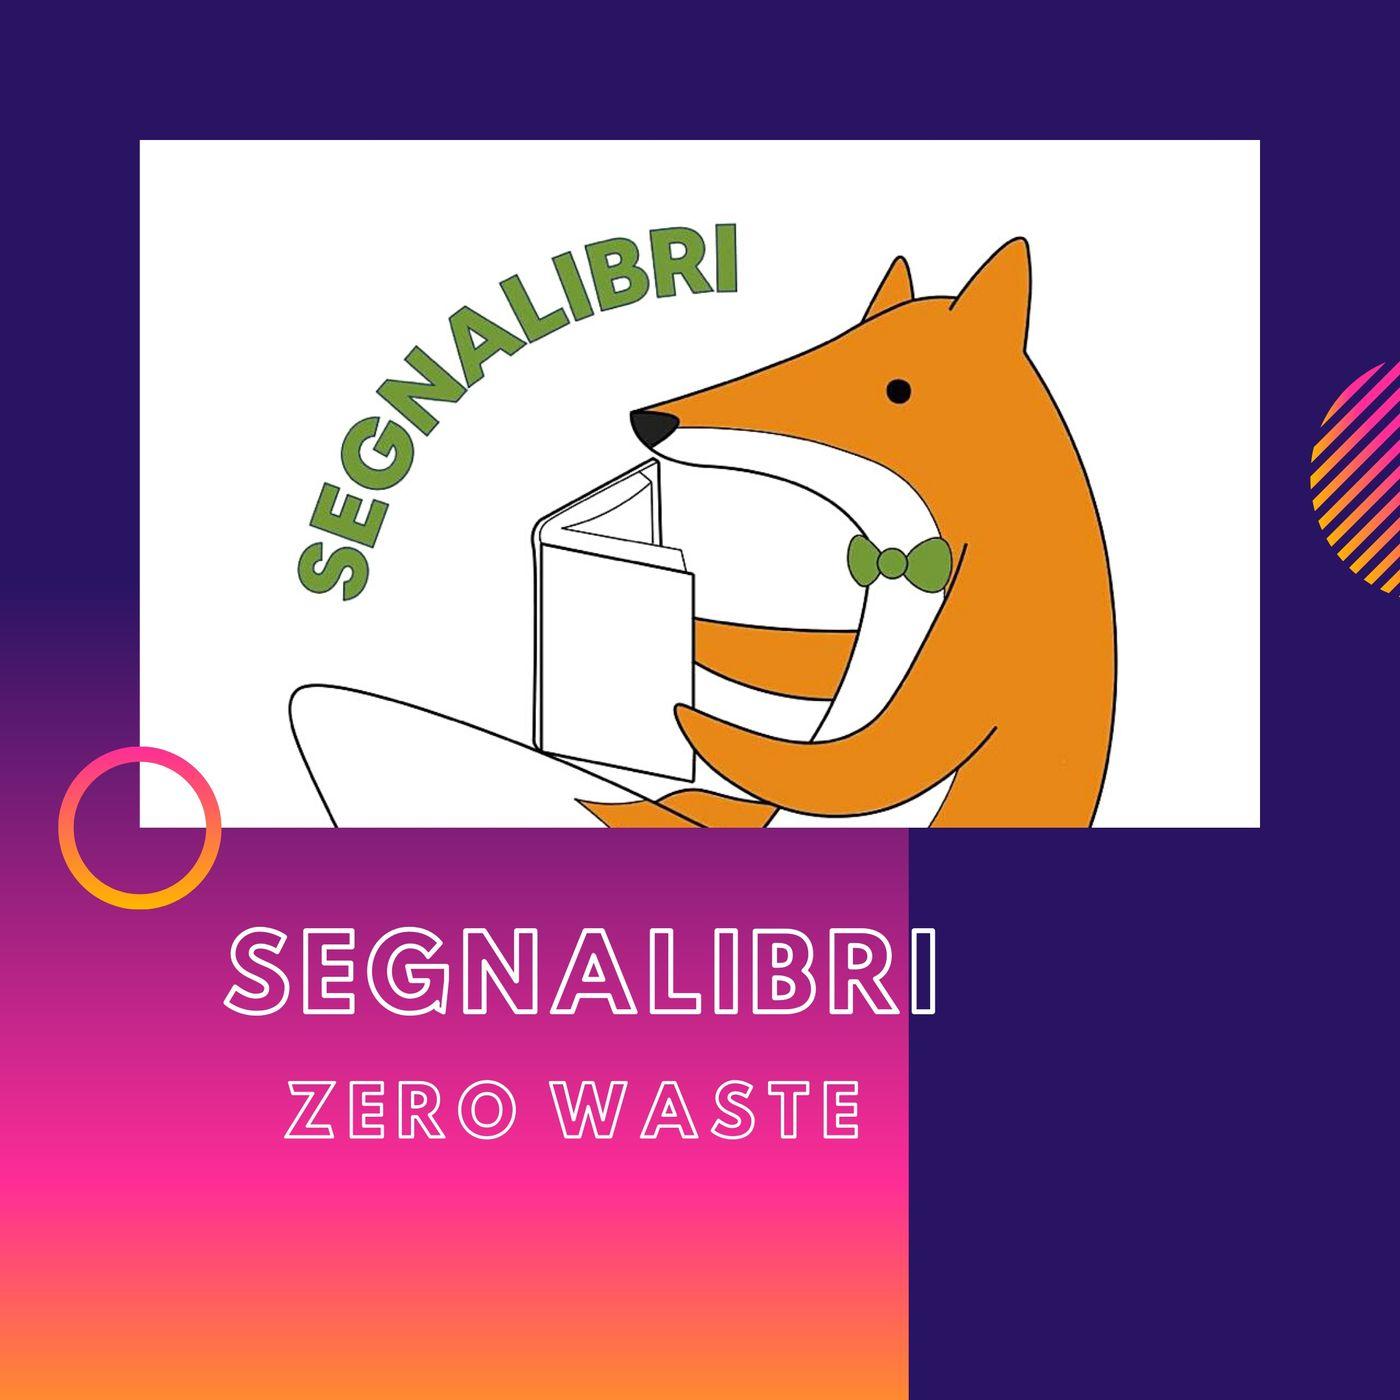 SEGNALIBRI - Zero Waste